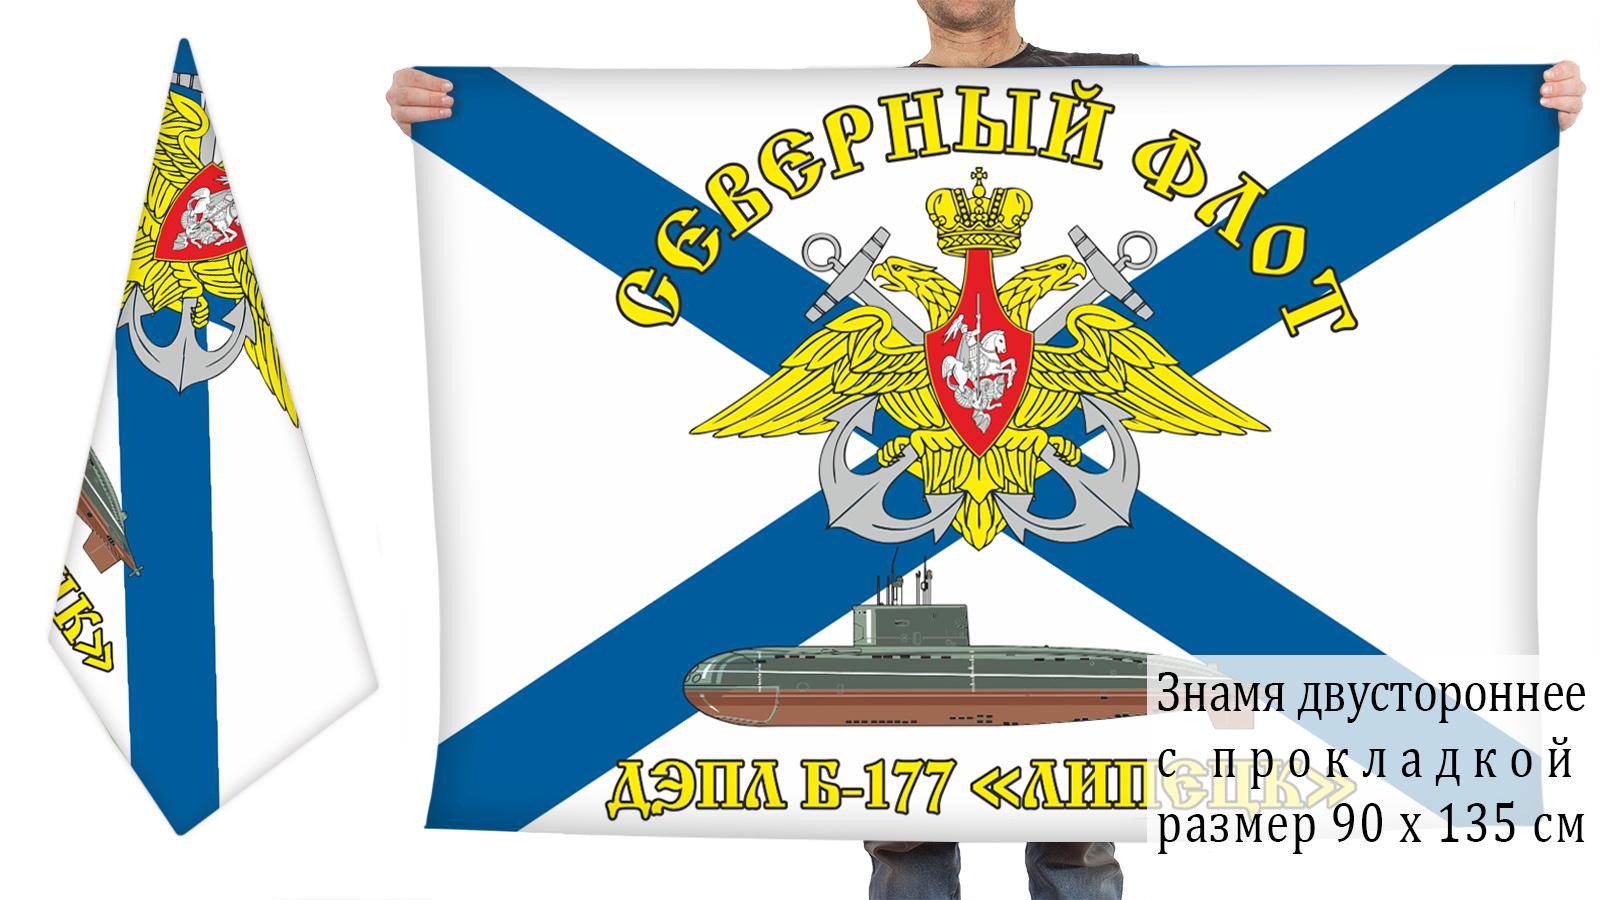 Заказать флаг ВМФ Б-177 Липецк